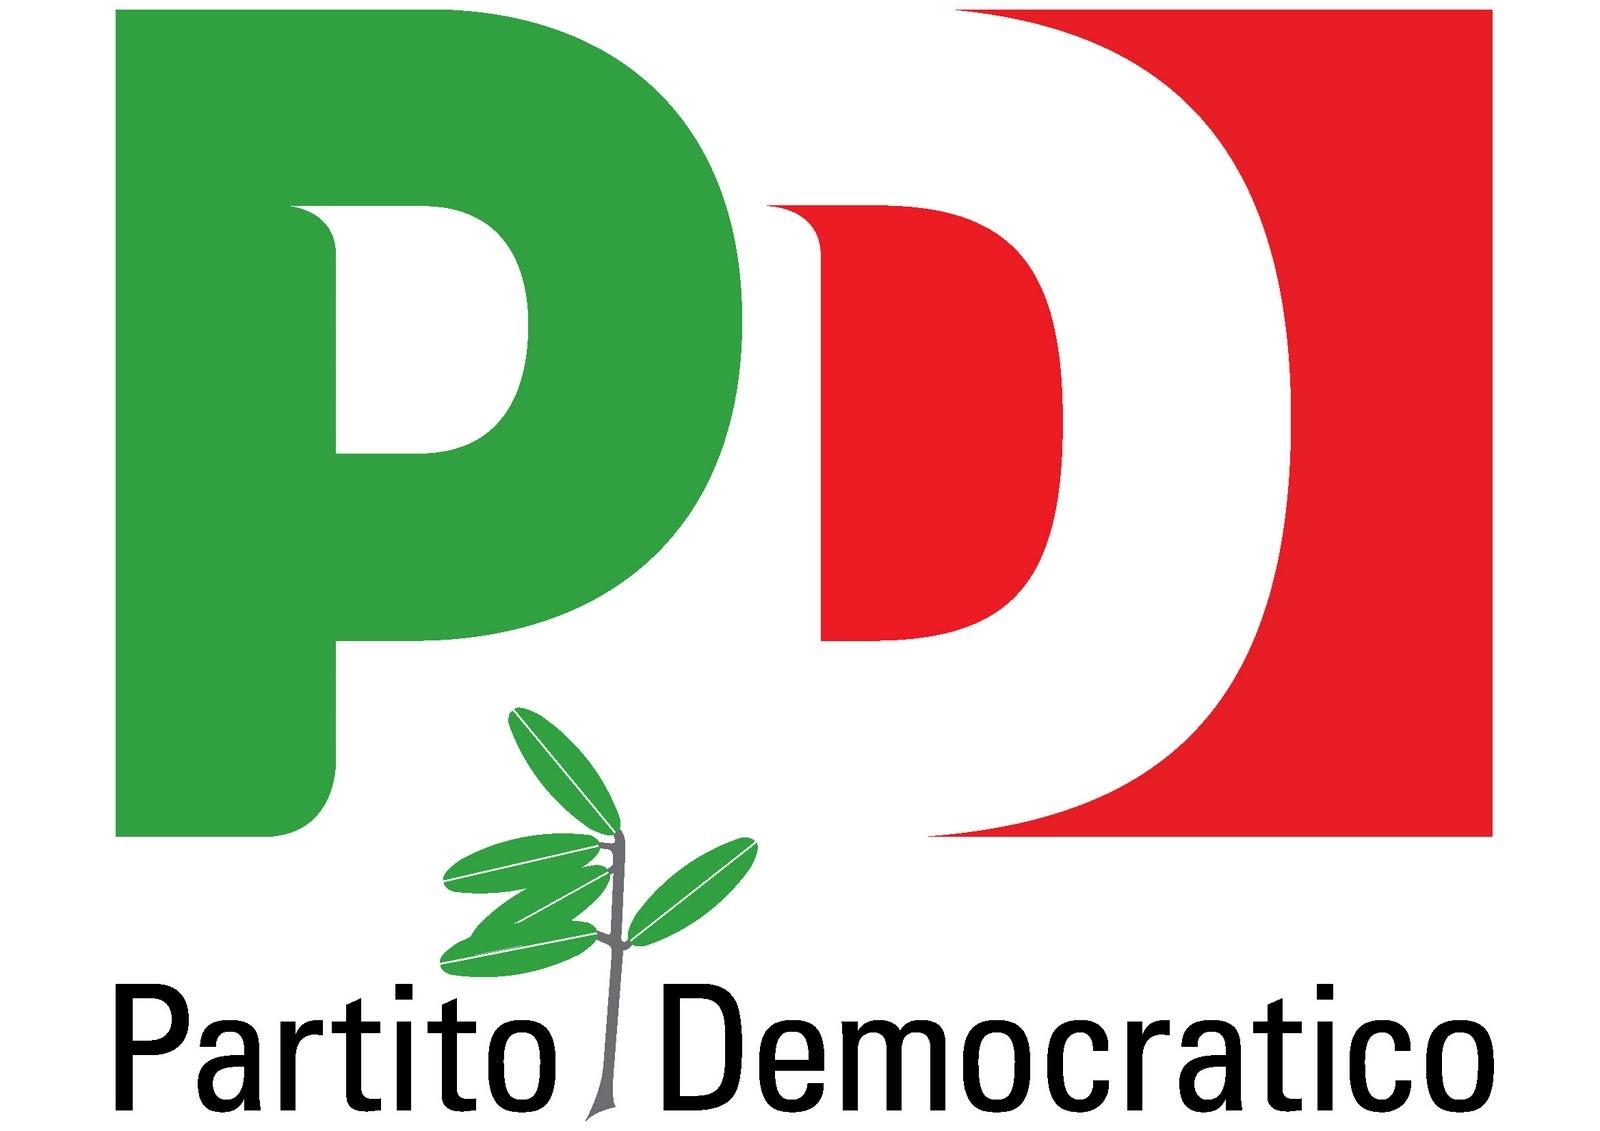 PD Castiglion Fiorentino: Filippi pensa alle nomine, noi pensiamo ad amministrare